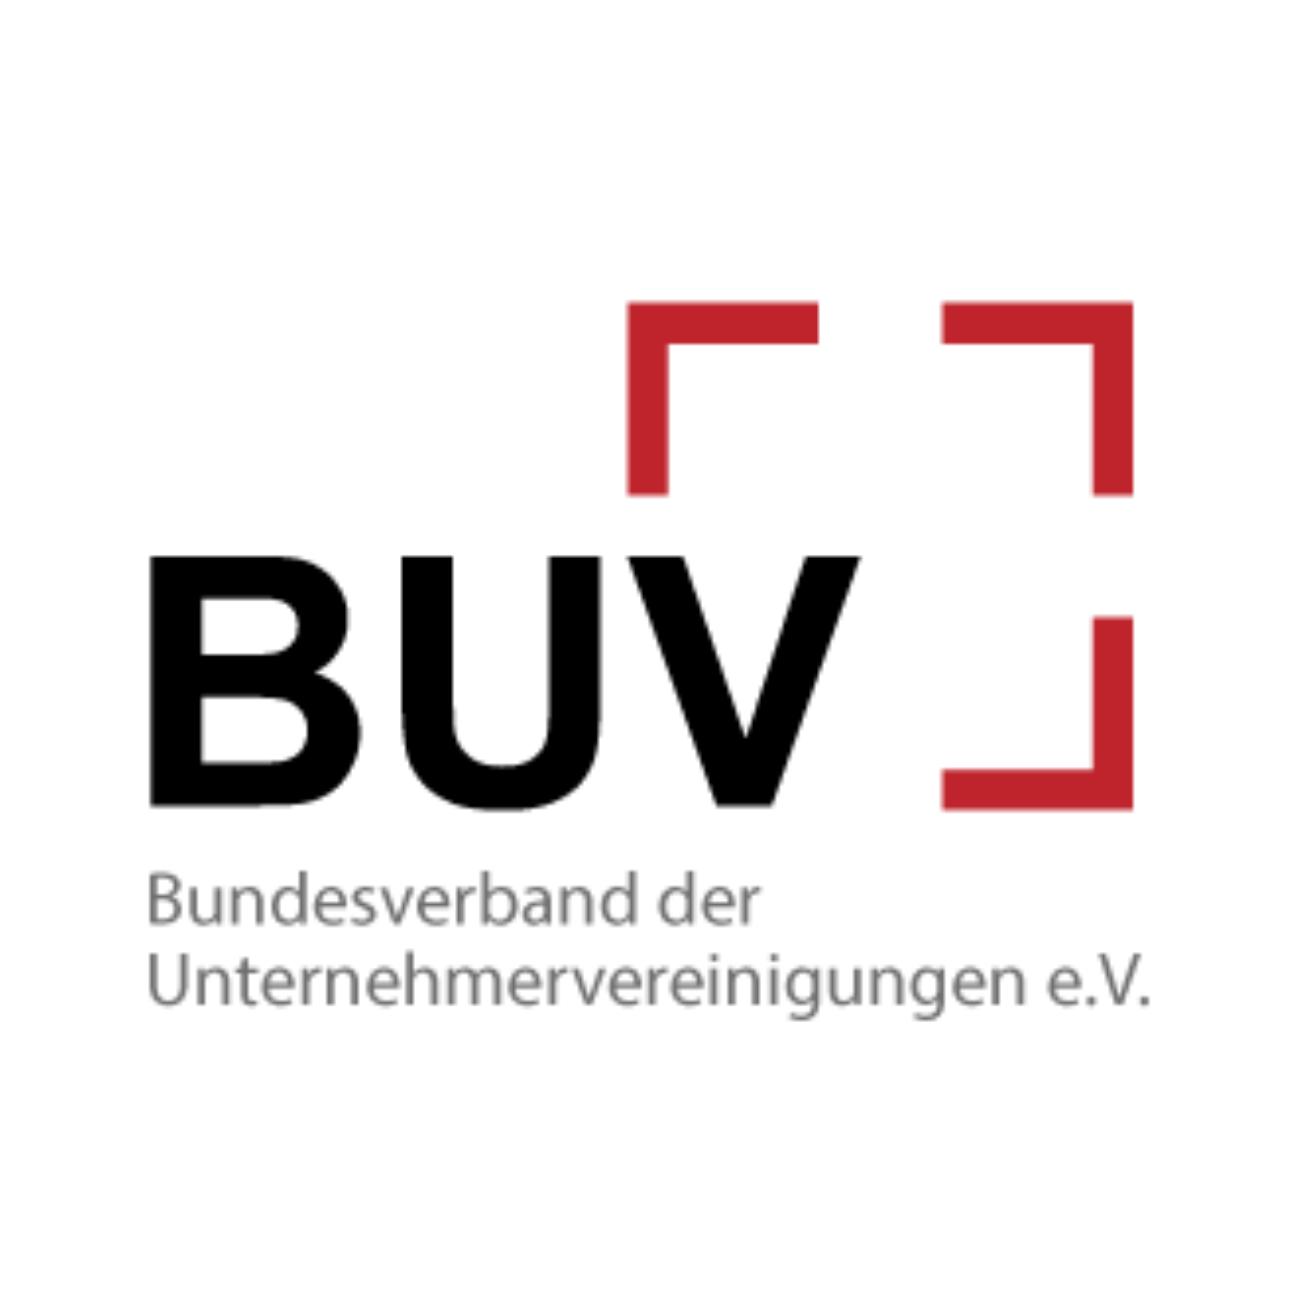 Partner - buv logo